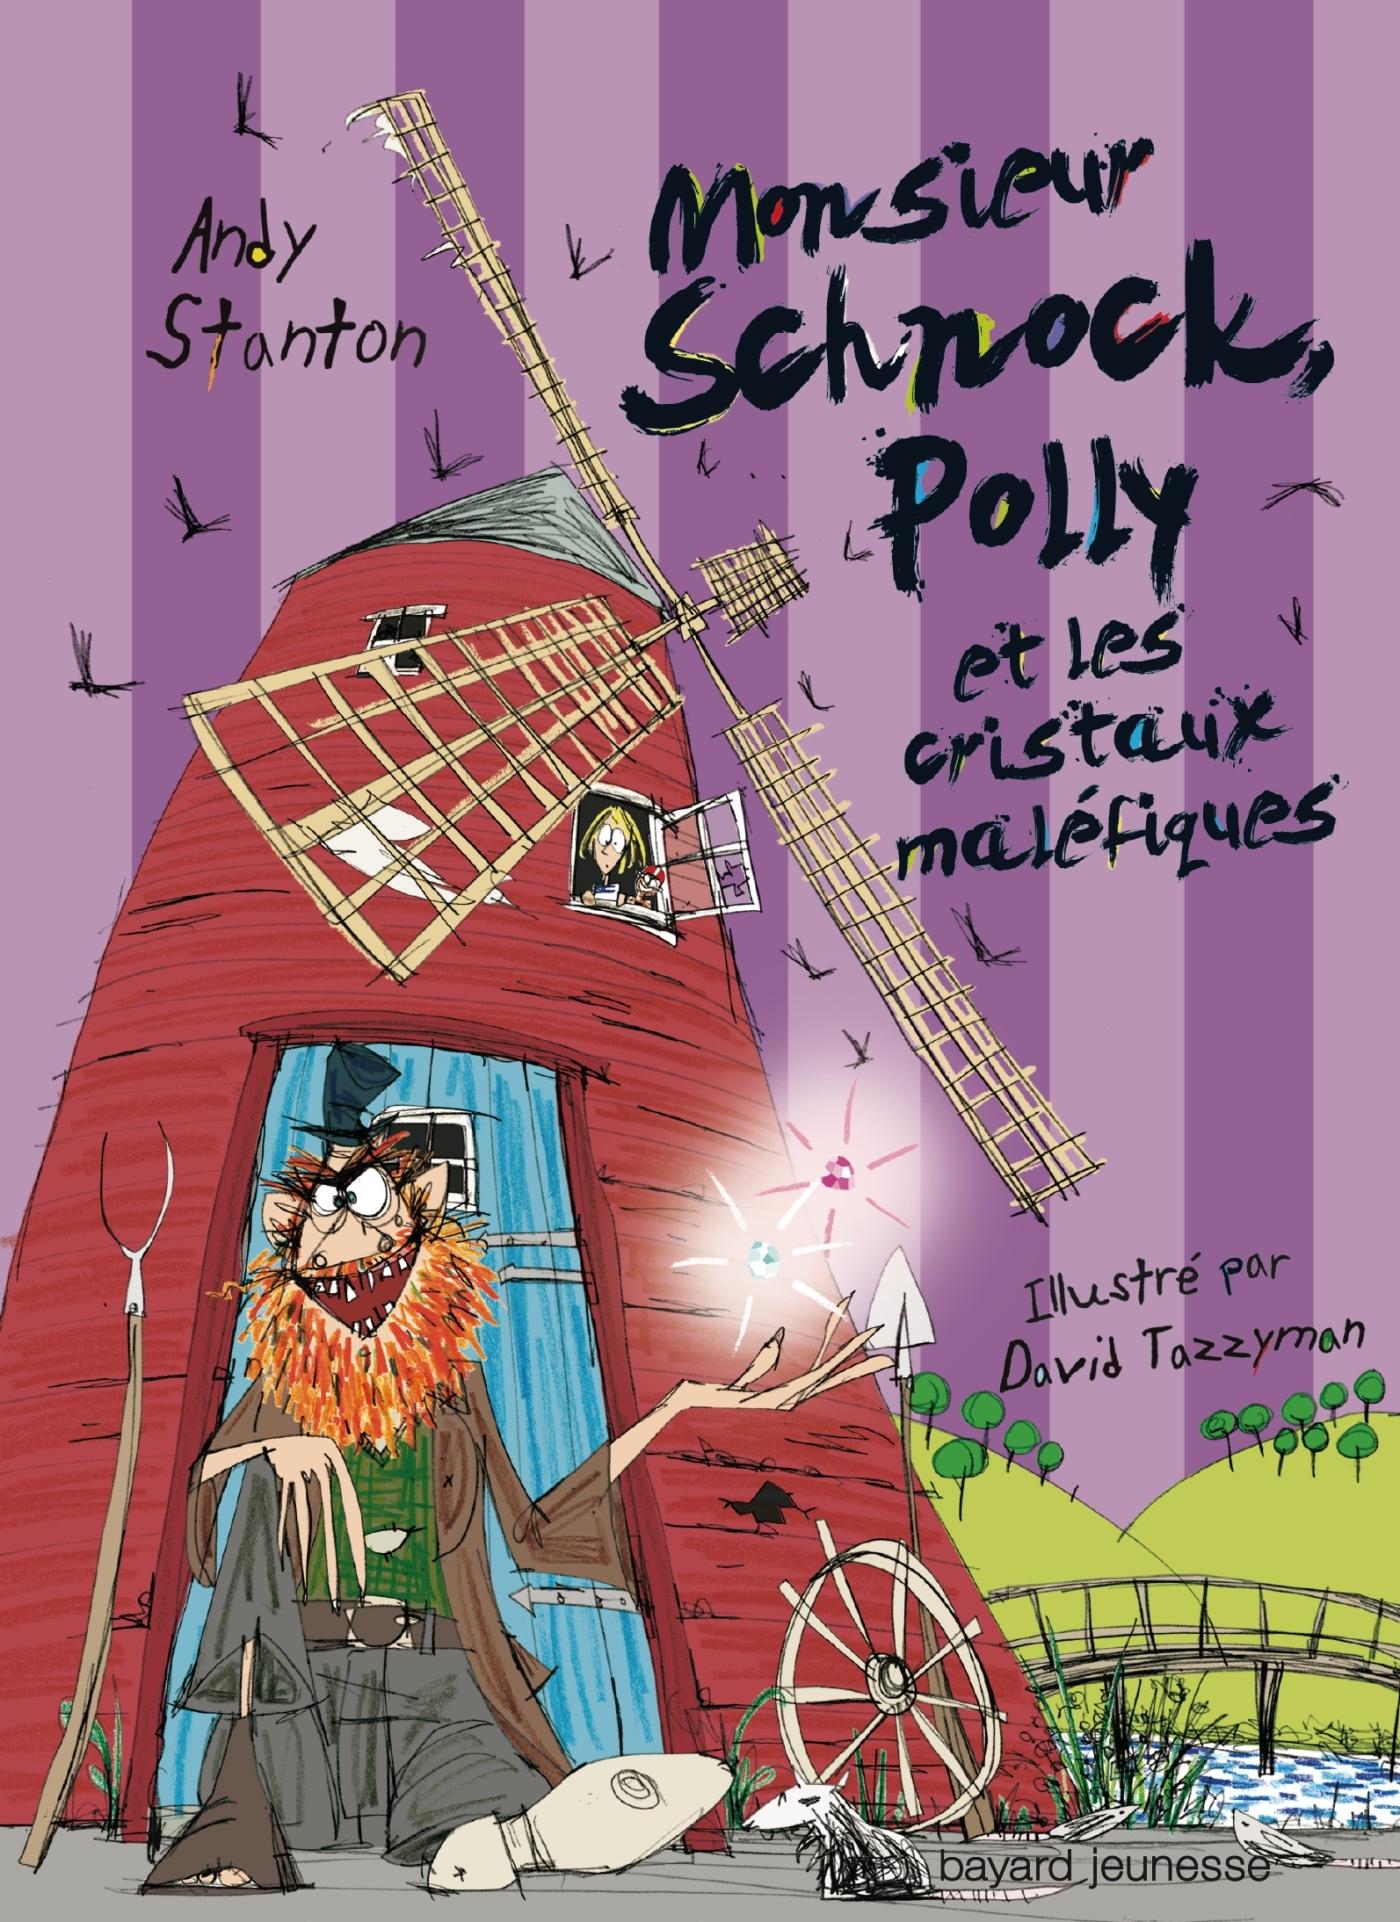 M. SCHNOCK, POLLY ET LES CRISTAUX MALEFIQUES - N3